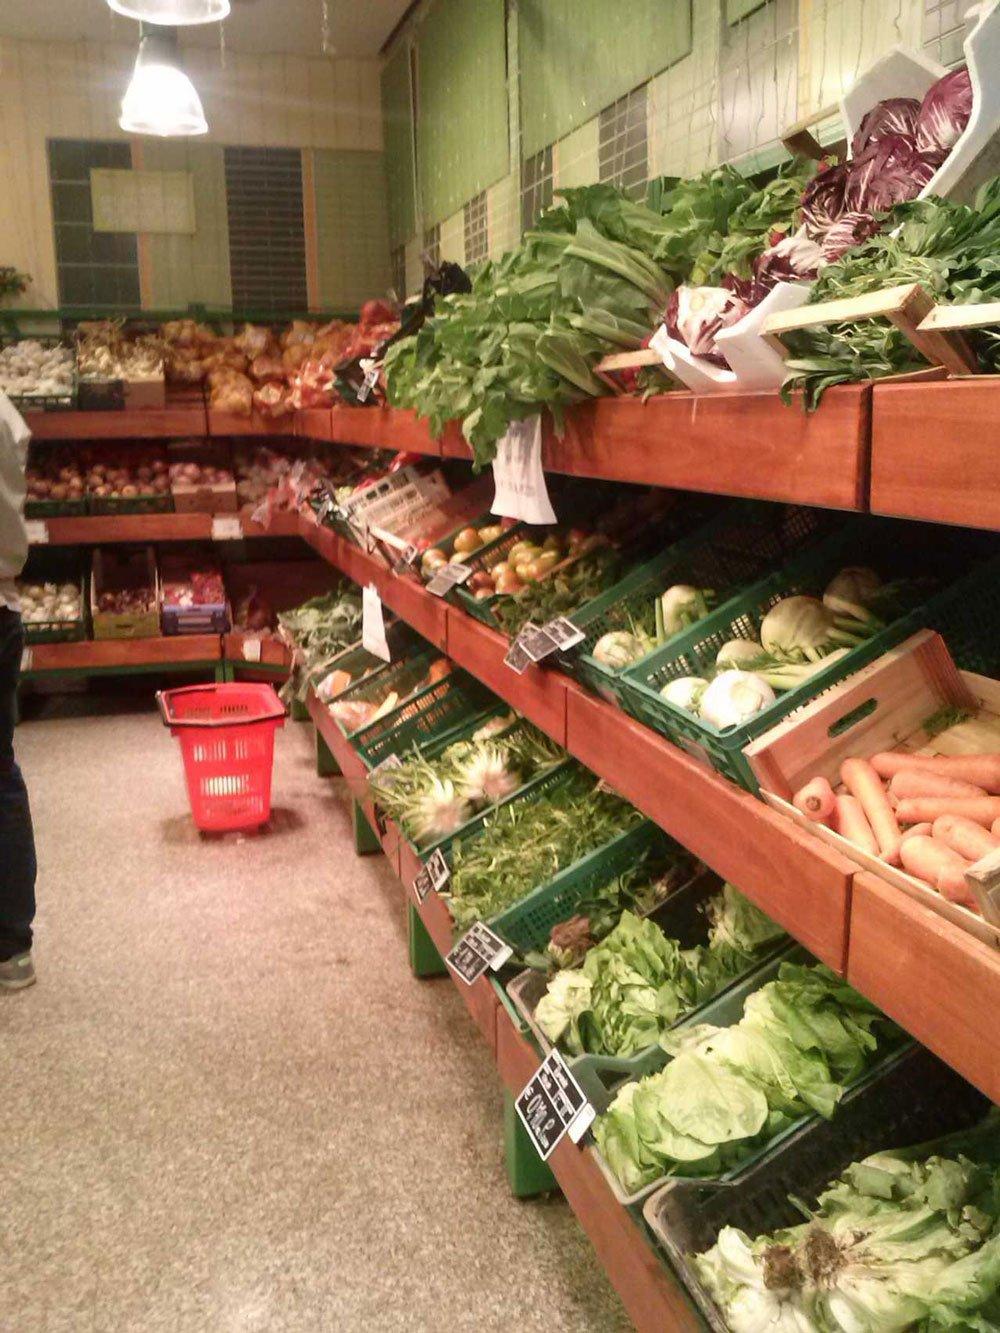 delle mensole in legno con delle cassette di frutta e verdura in un supermercato